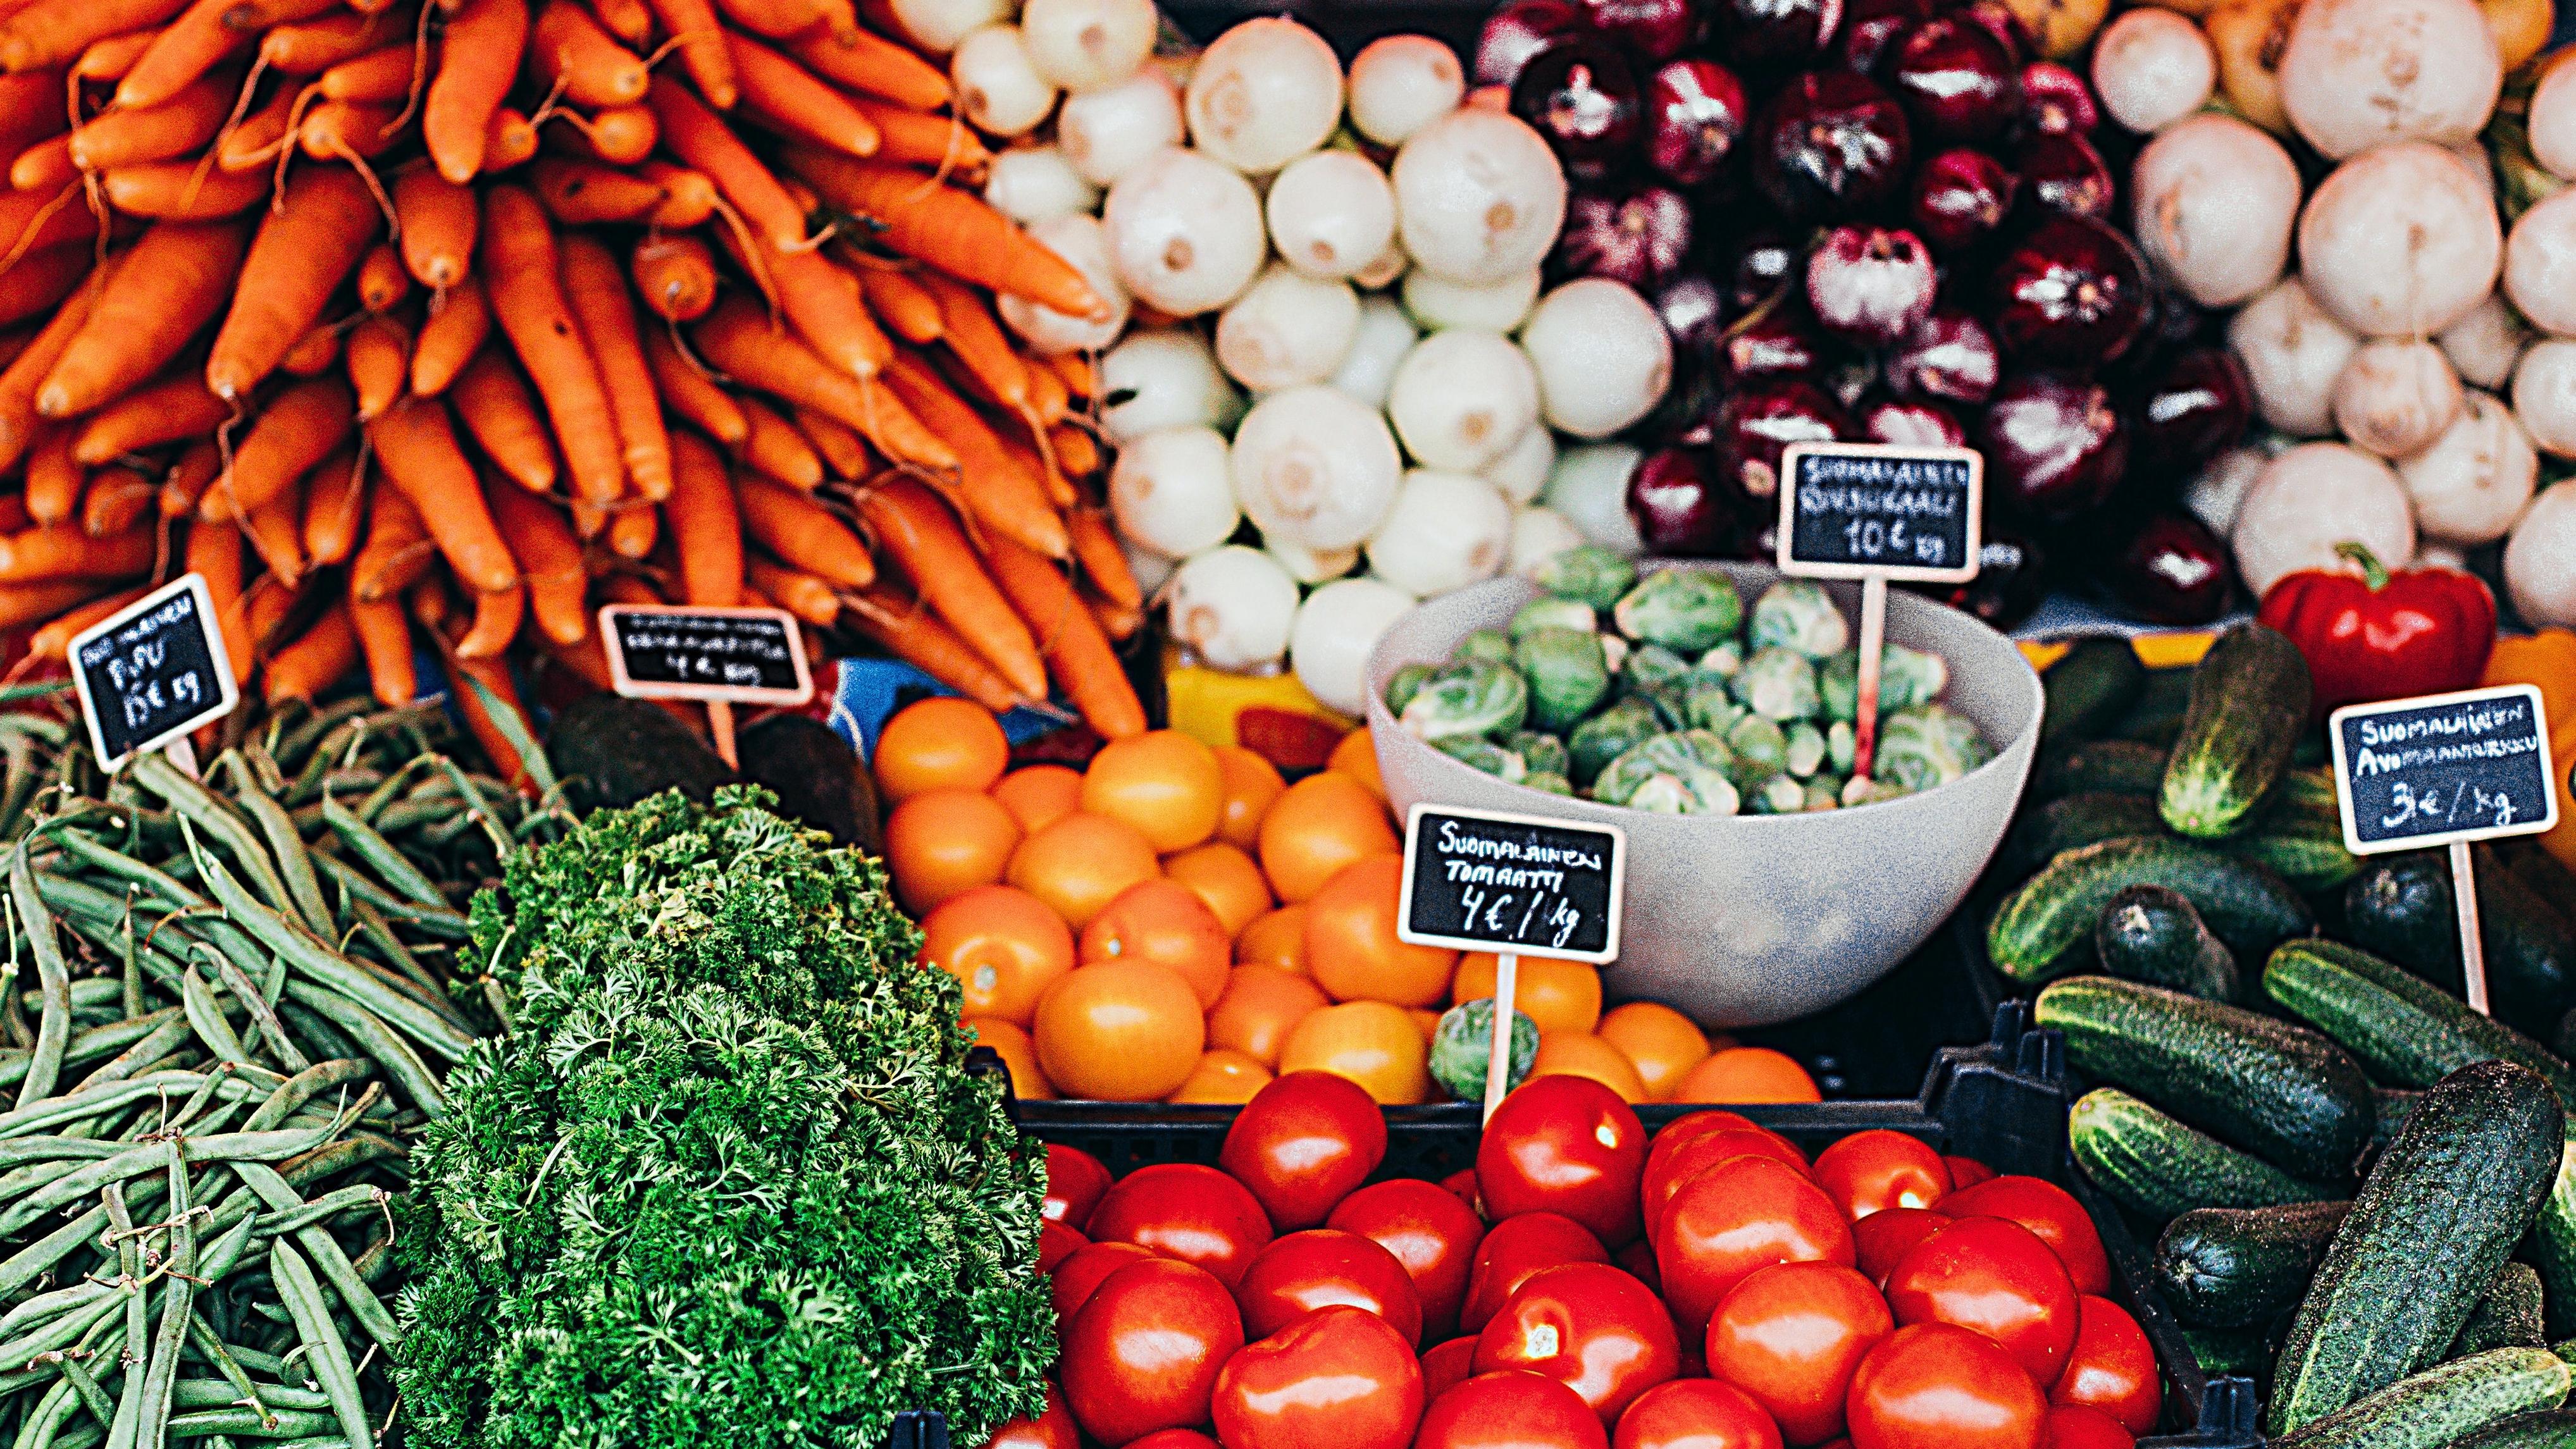 Für den Einkauf von regionalen, saisonalen und plastikfreien Produkten lohnt sich der Einkauf auf Wochenmärkten.